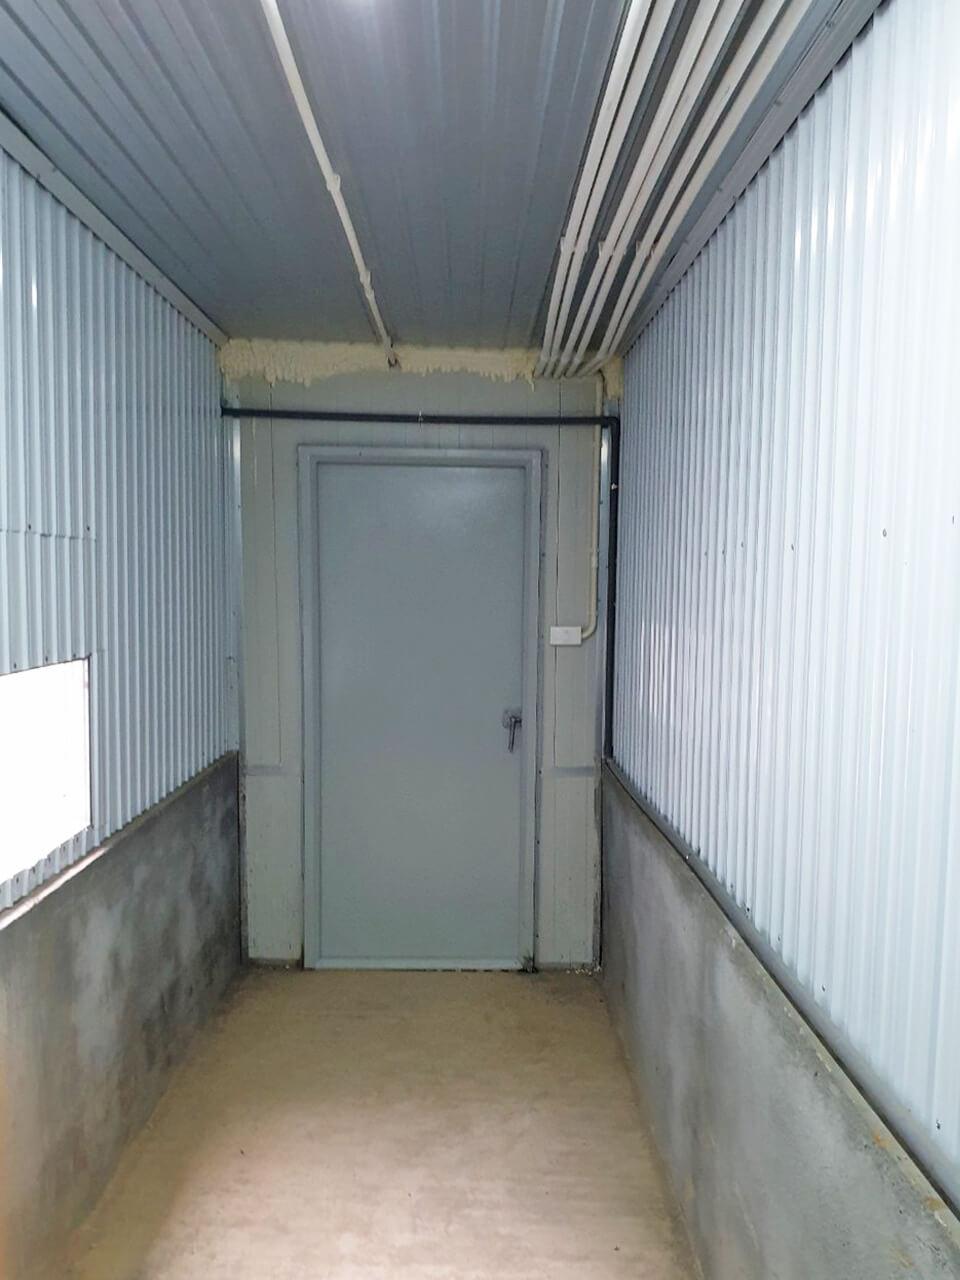 Cung cấp cửa ngăn cháy cho dự án